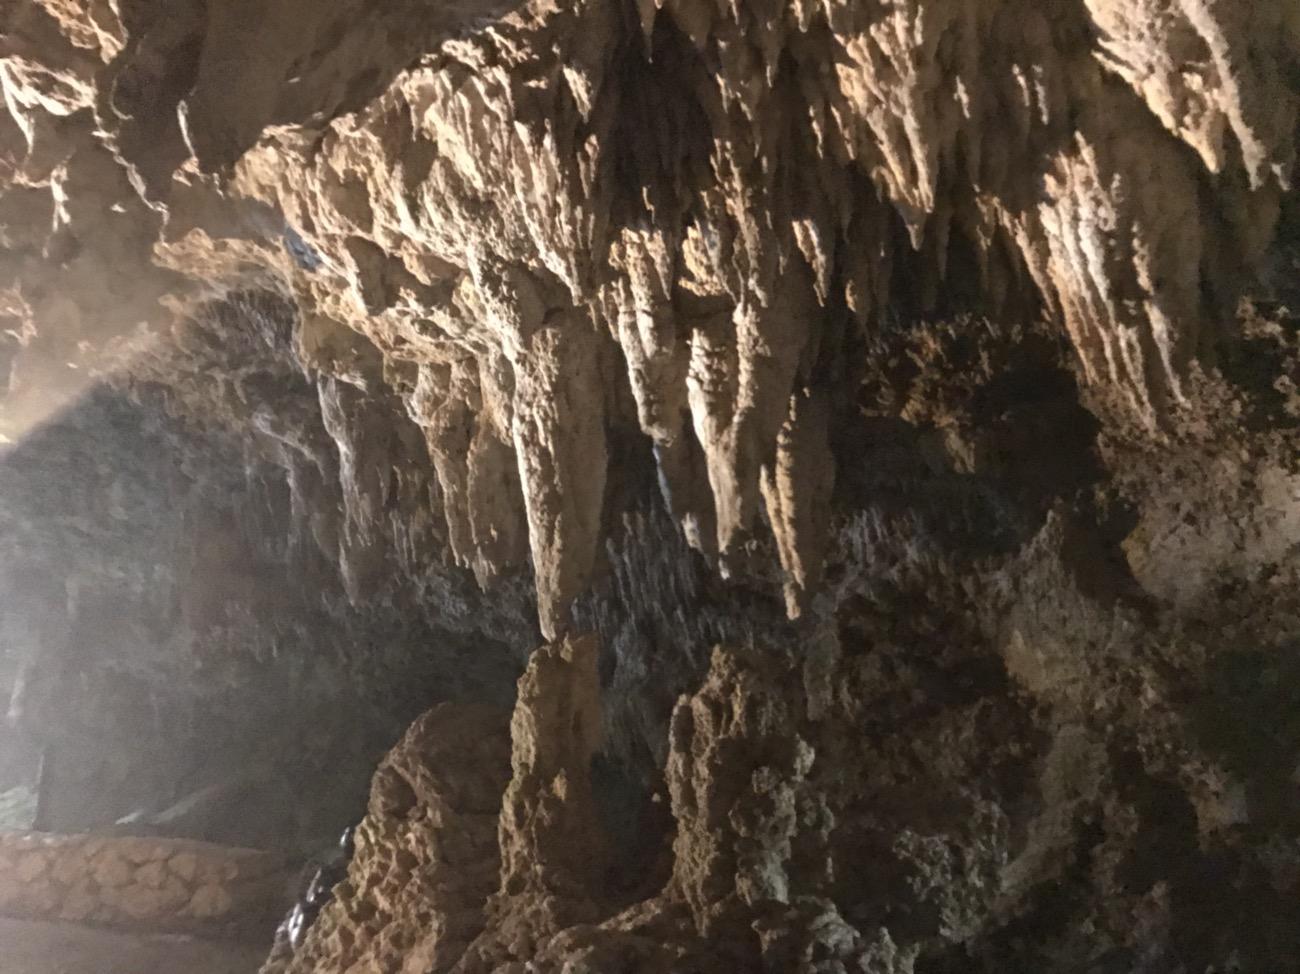 石垣島観光おすすめ サビチ鍾乳洞